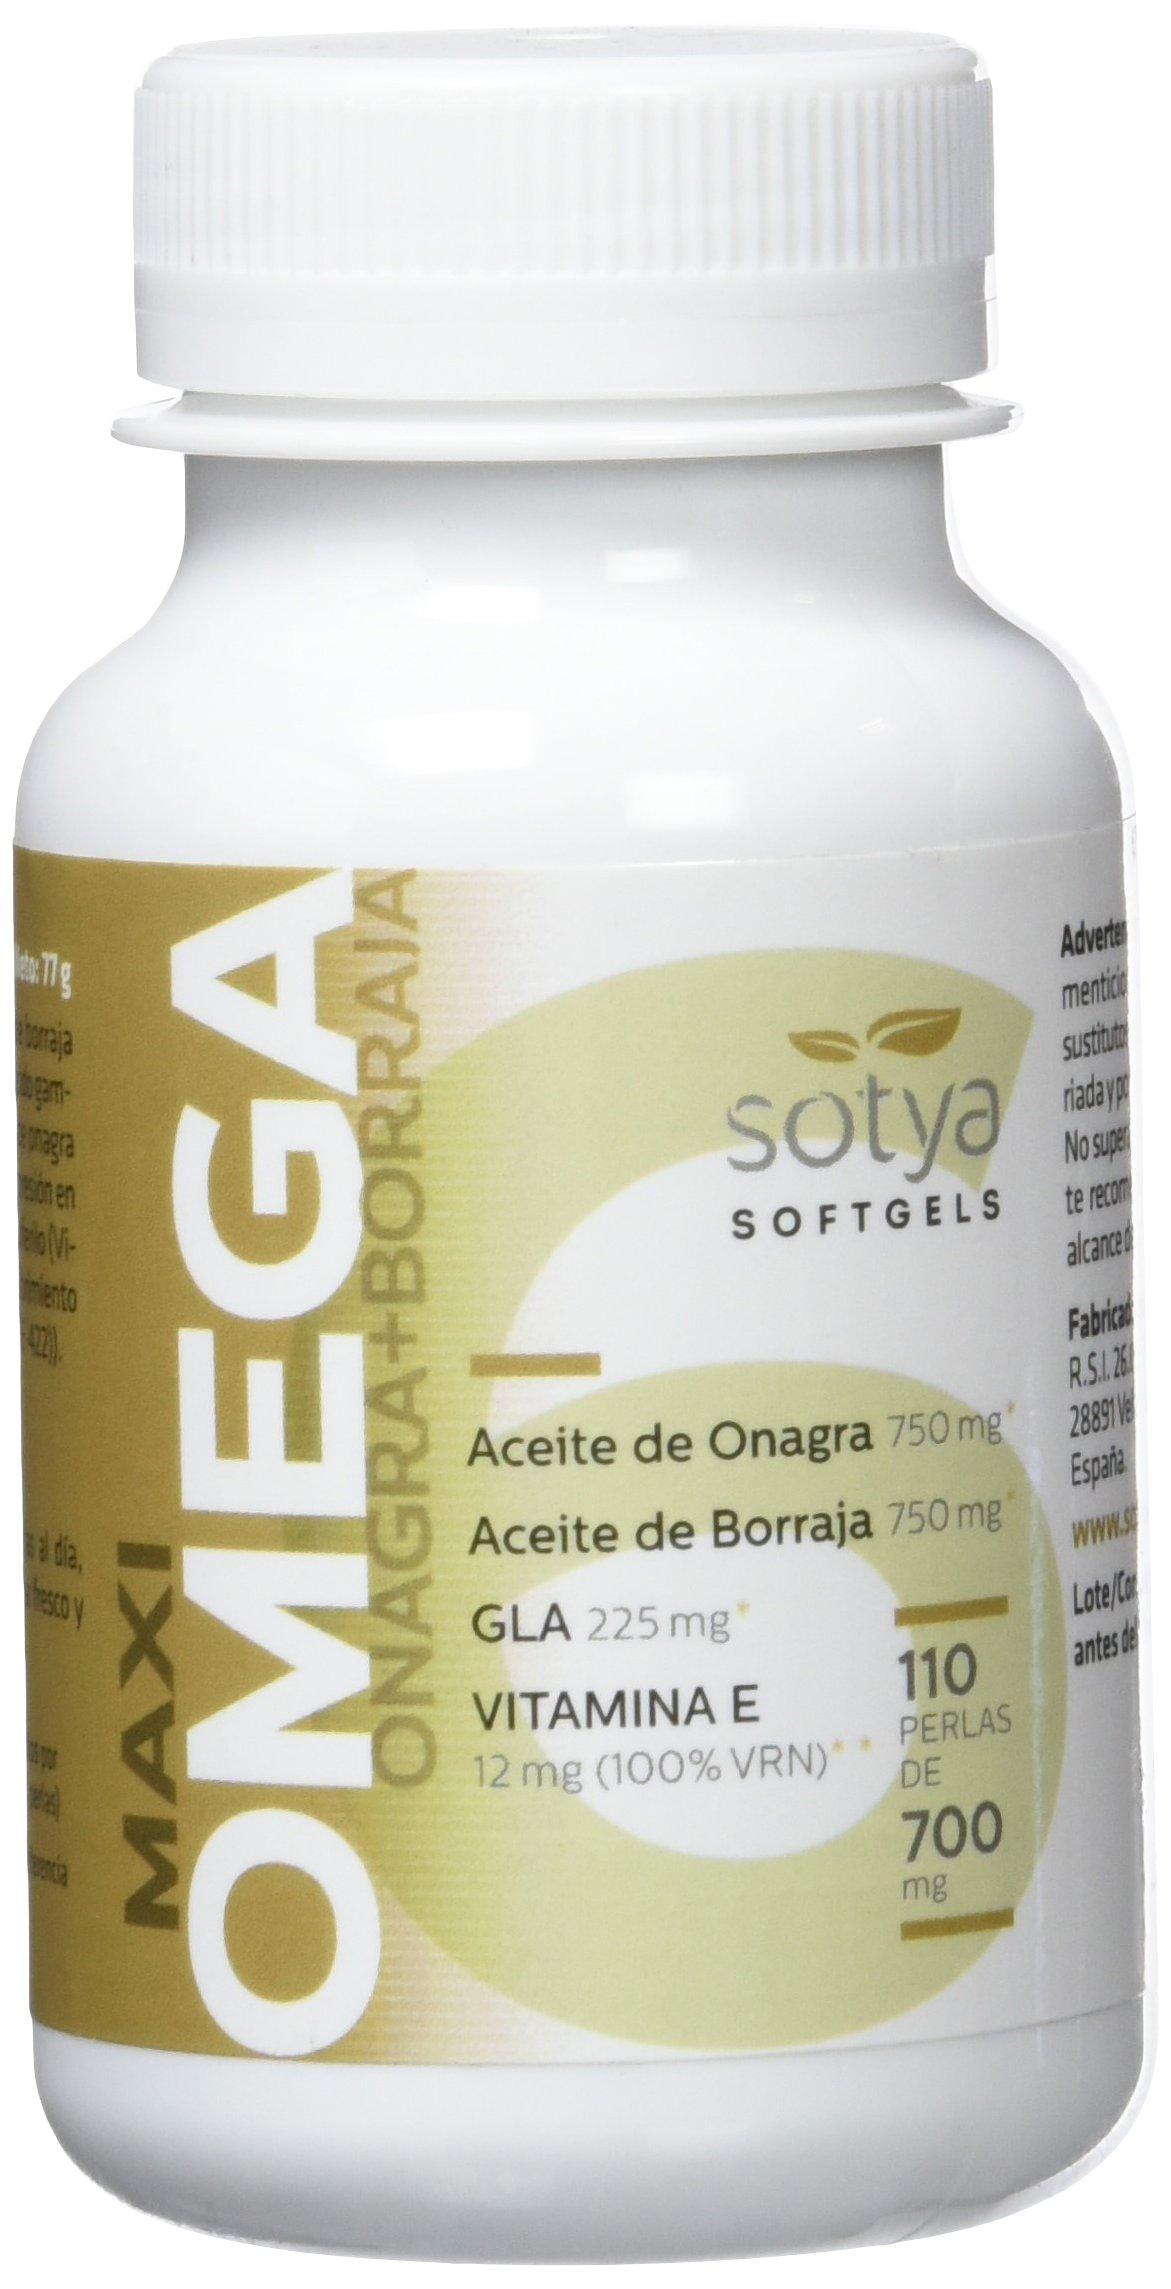 SOTYA Omega 6 (Onagra y Borraja) 110 perlas 700 mg product image